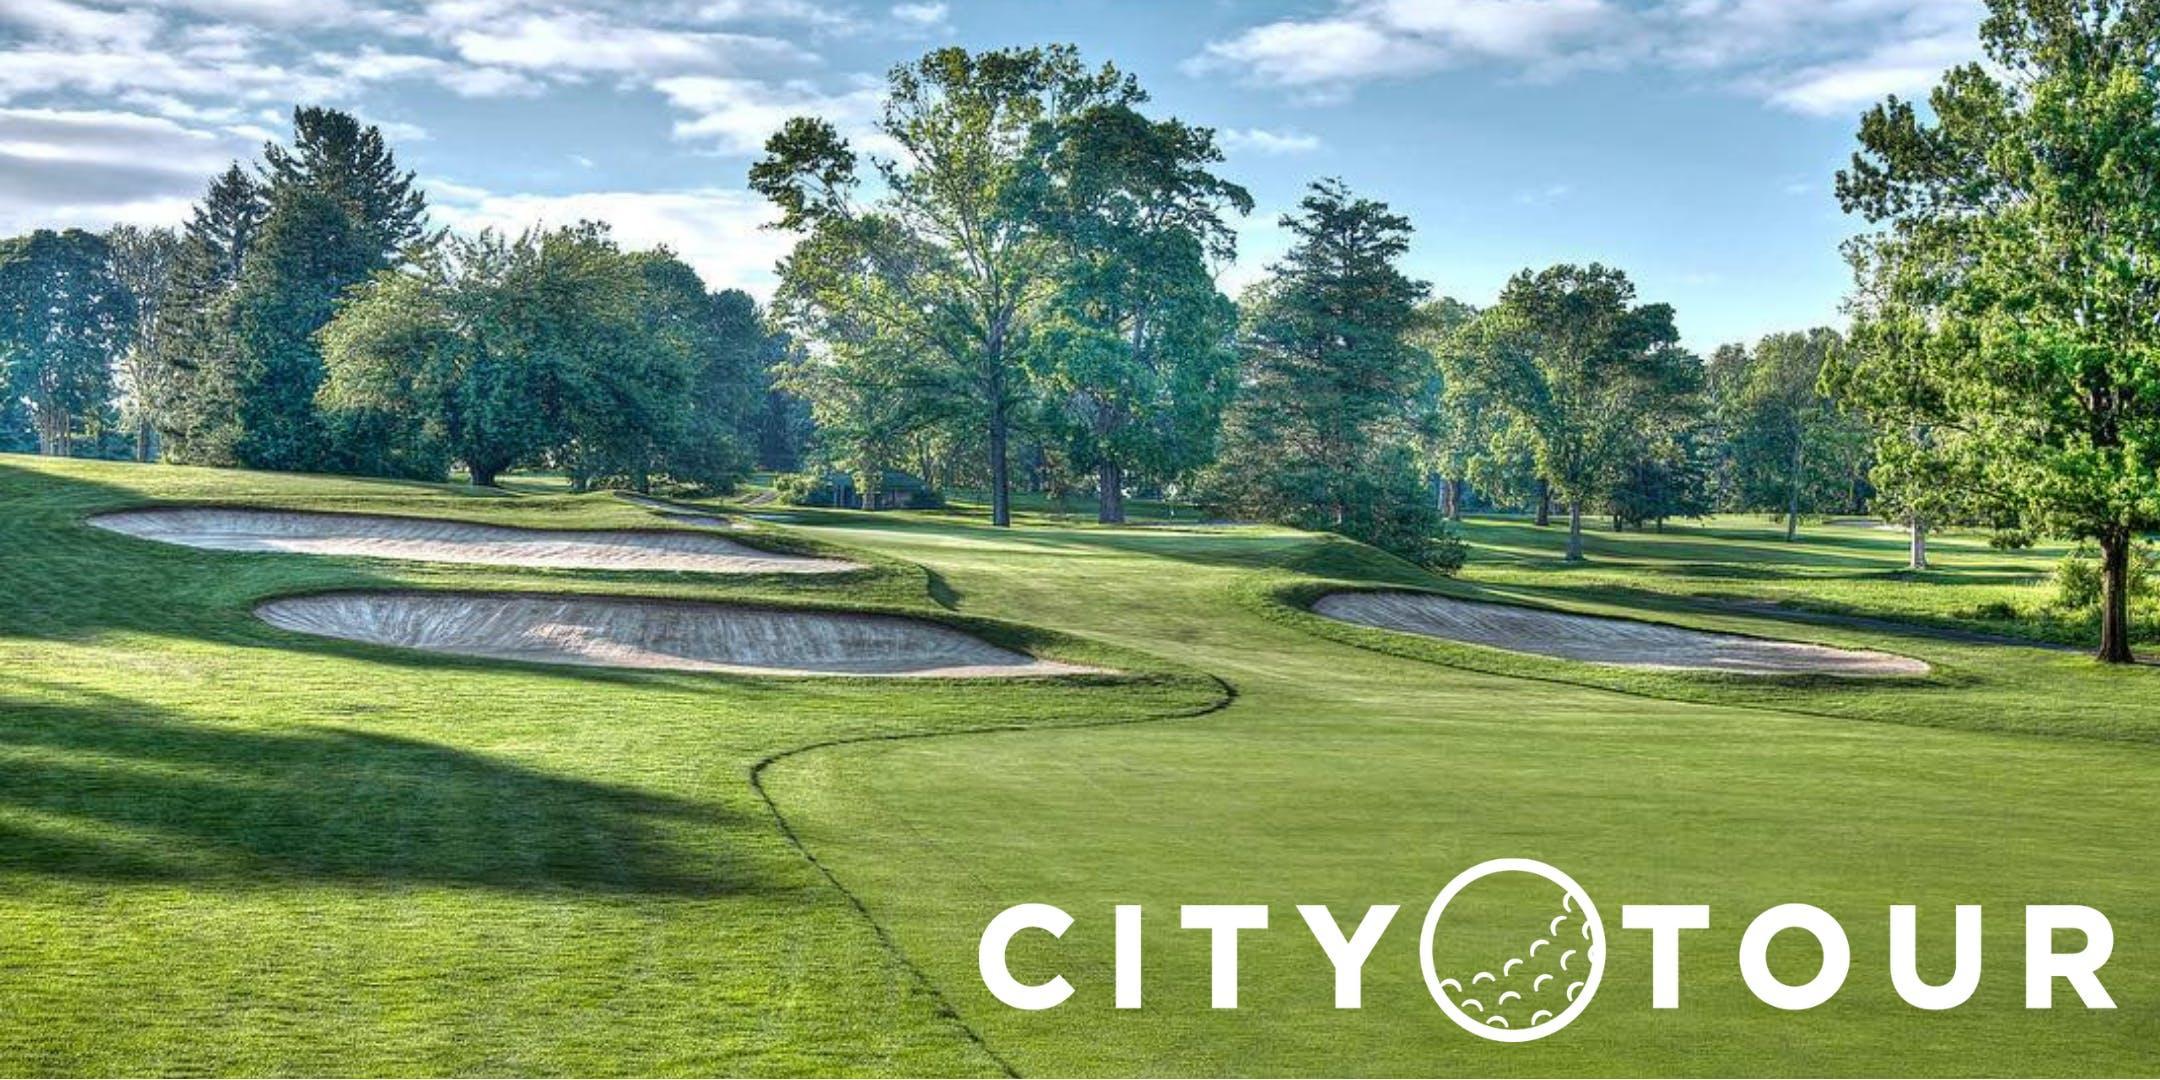 Cincinnati City Tour - Clovernook Country Club